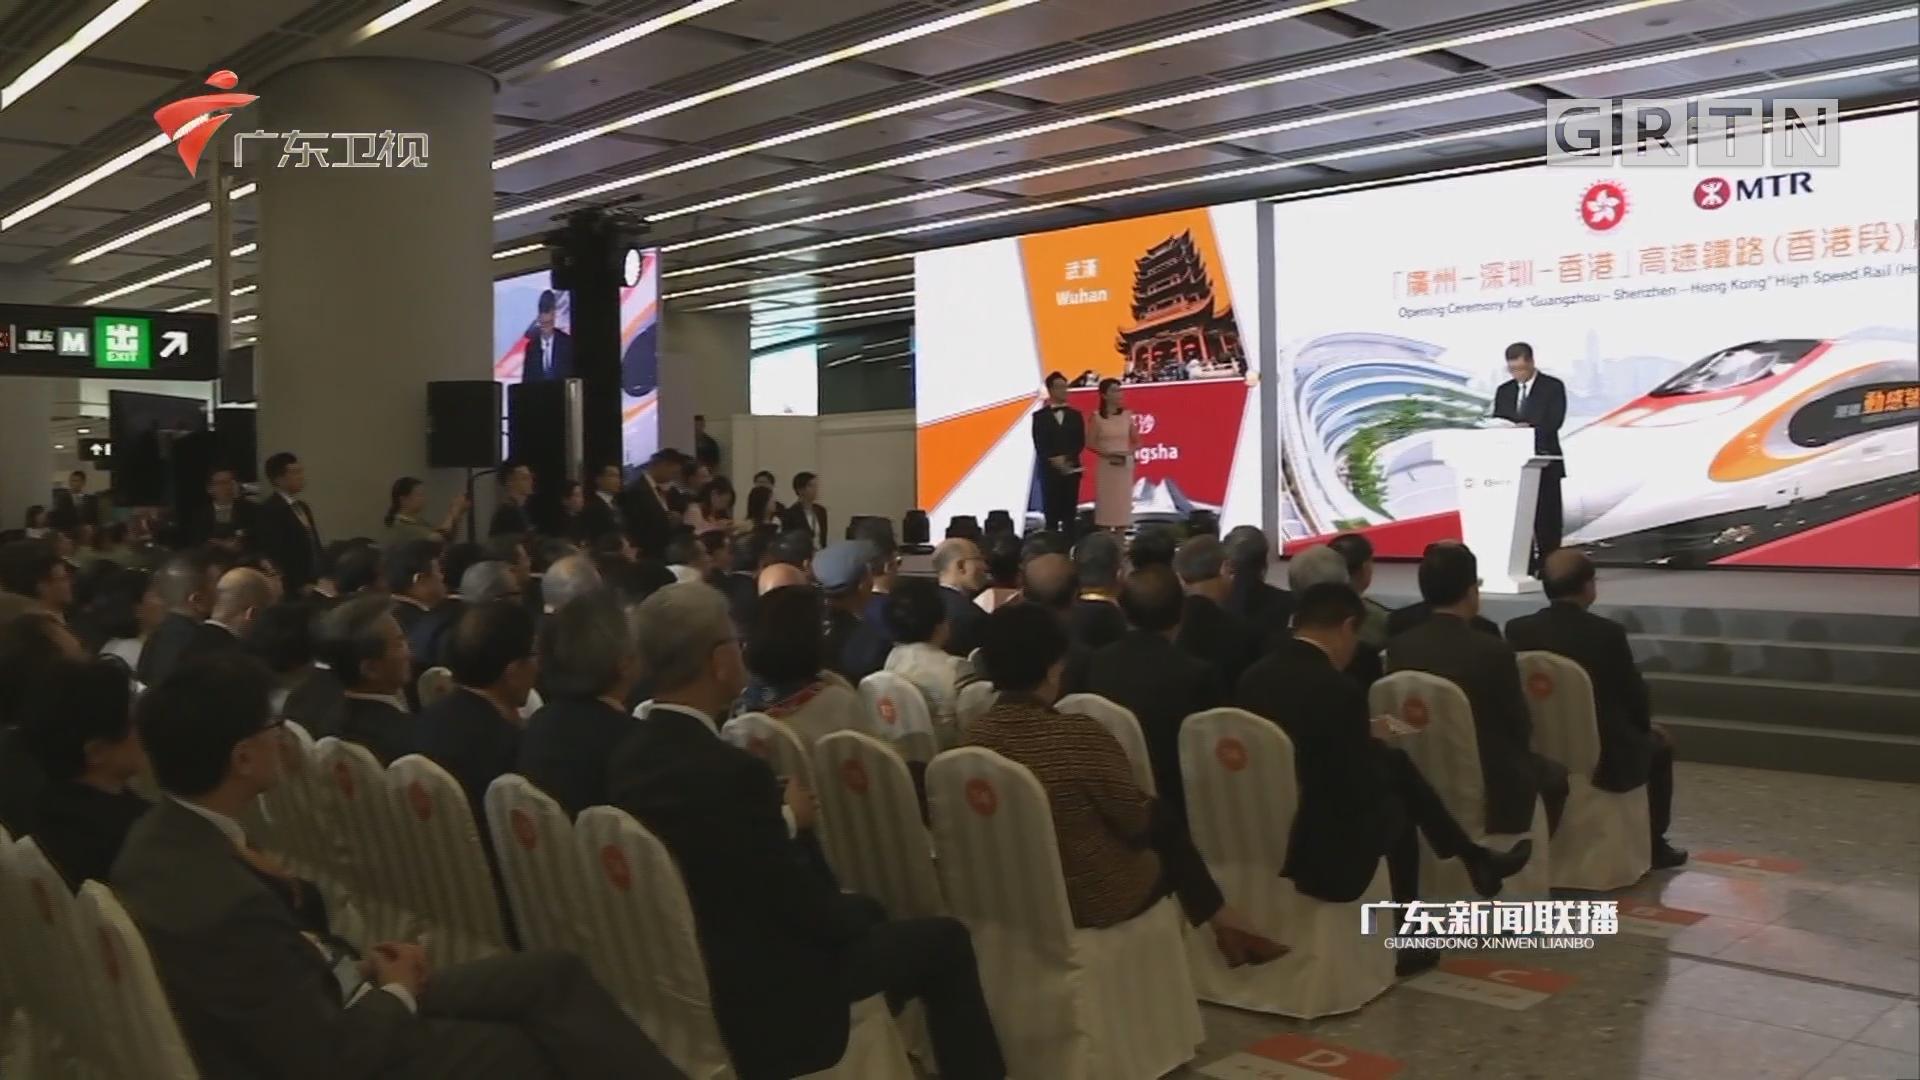 廣深港高鐵香港段開通儀式在香港西九龍站舉行